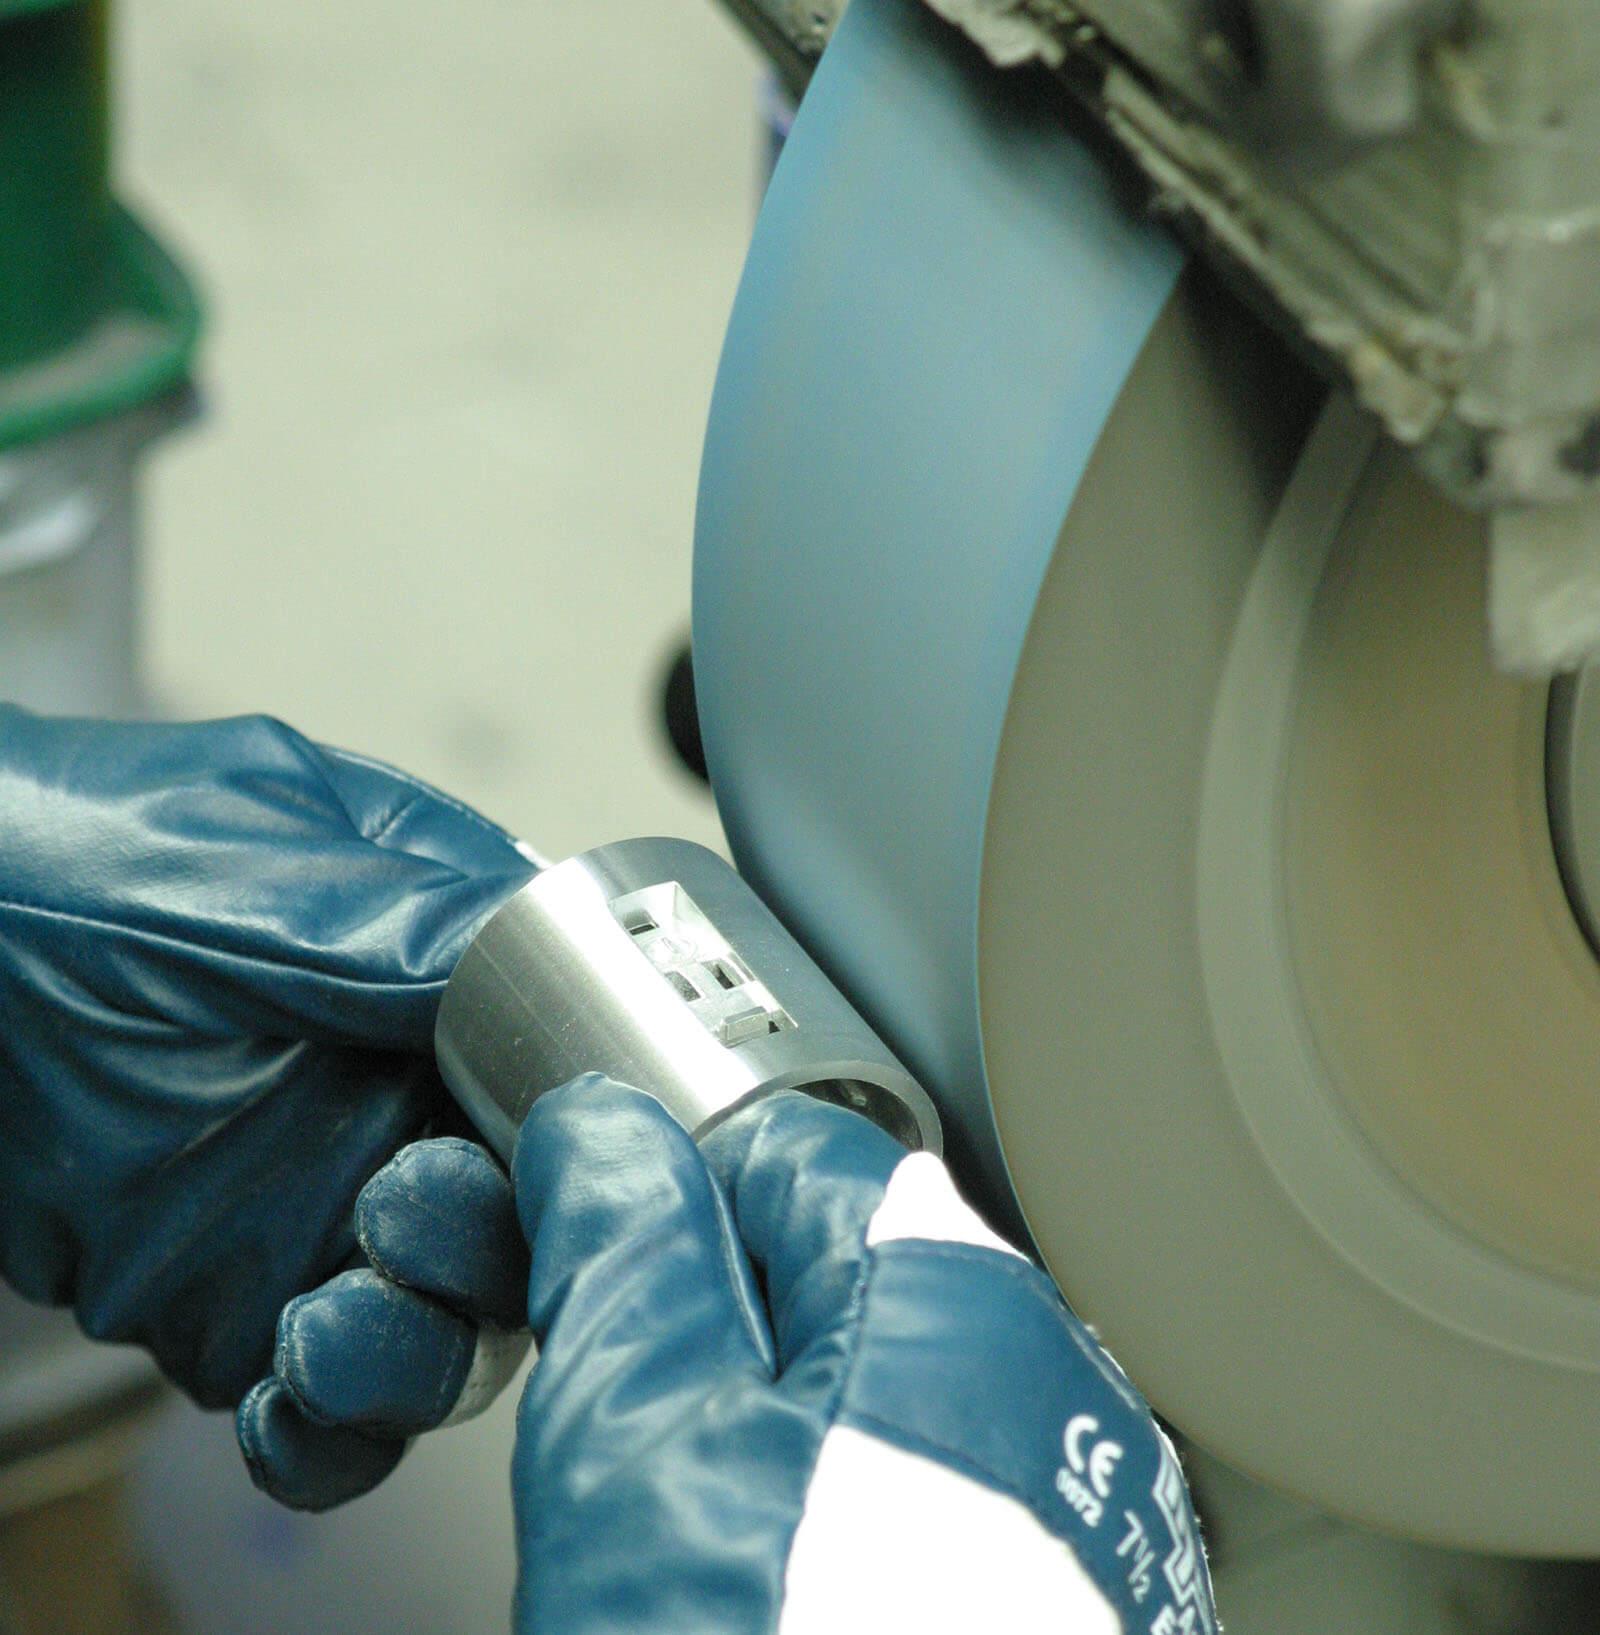 HDO Mitarbeiter schleift Metall per Hand